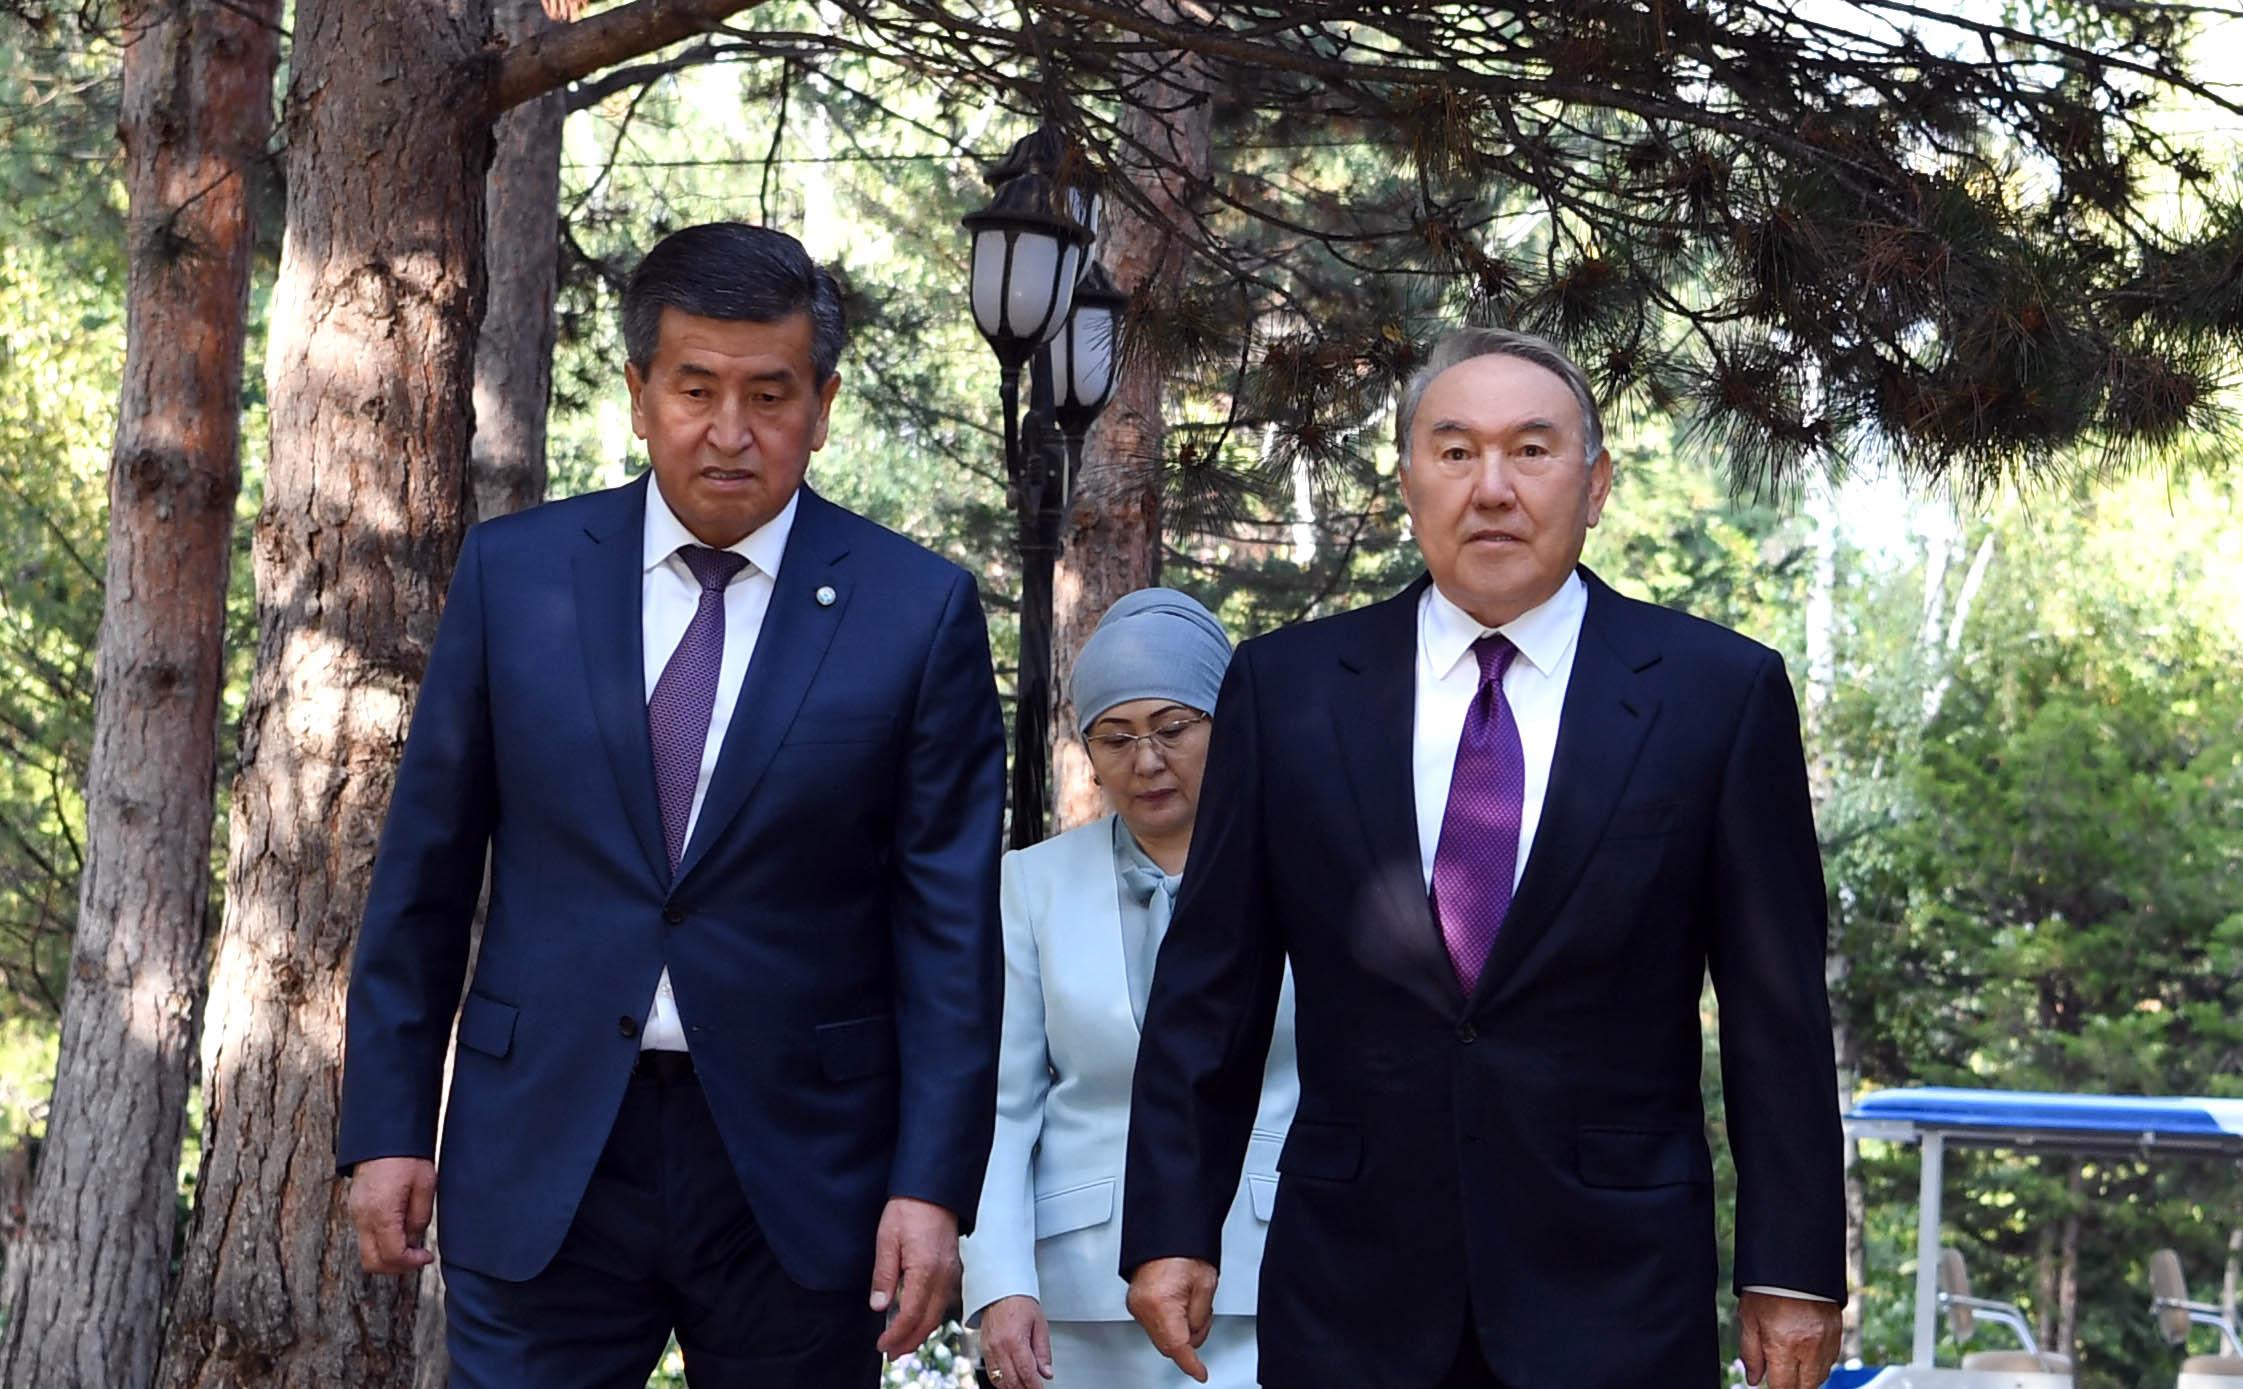 Лидеры Киргизии, Казахстана, Турции и Азербайджана на саммите ССТГ в понедельник обсудят региональное сотрудничество